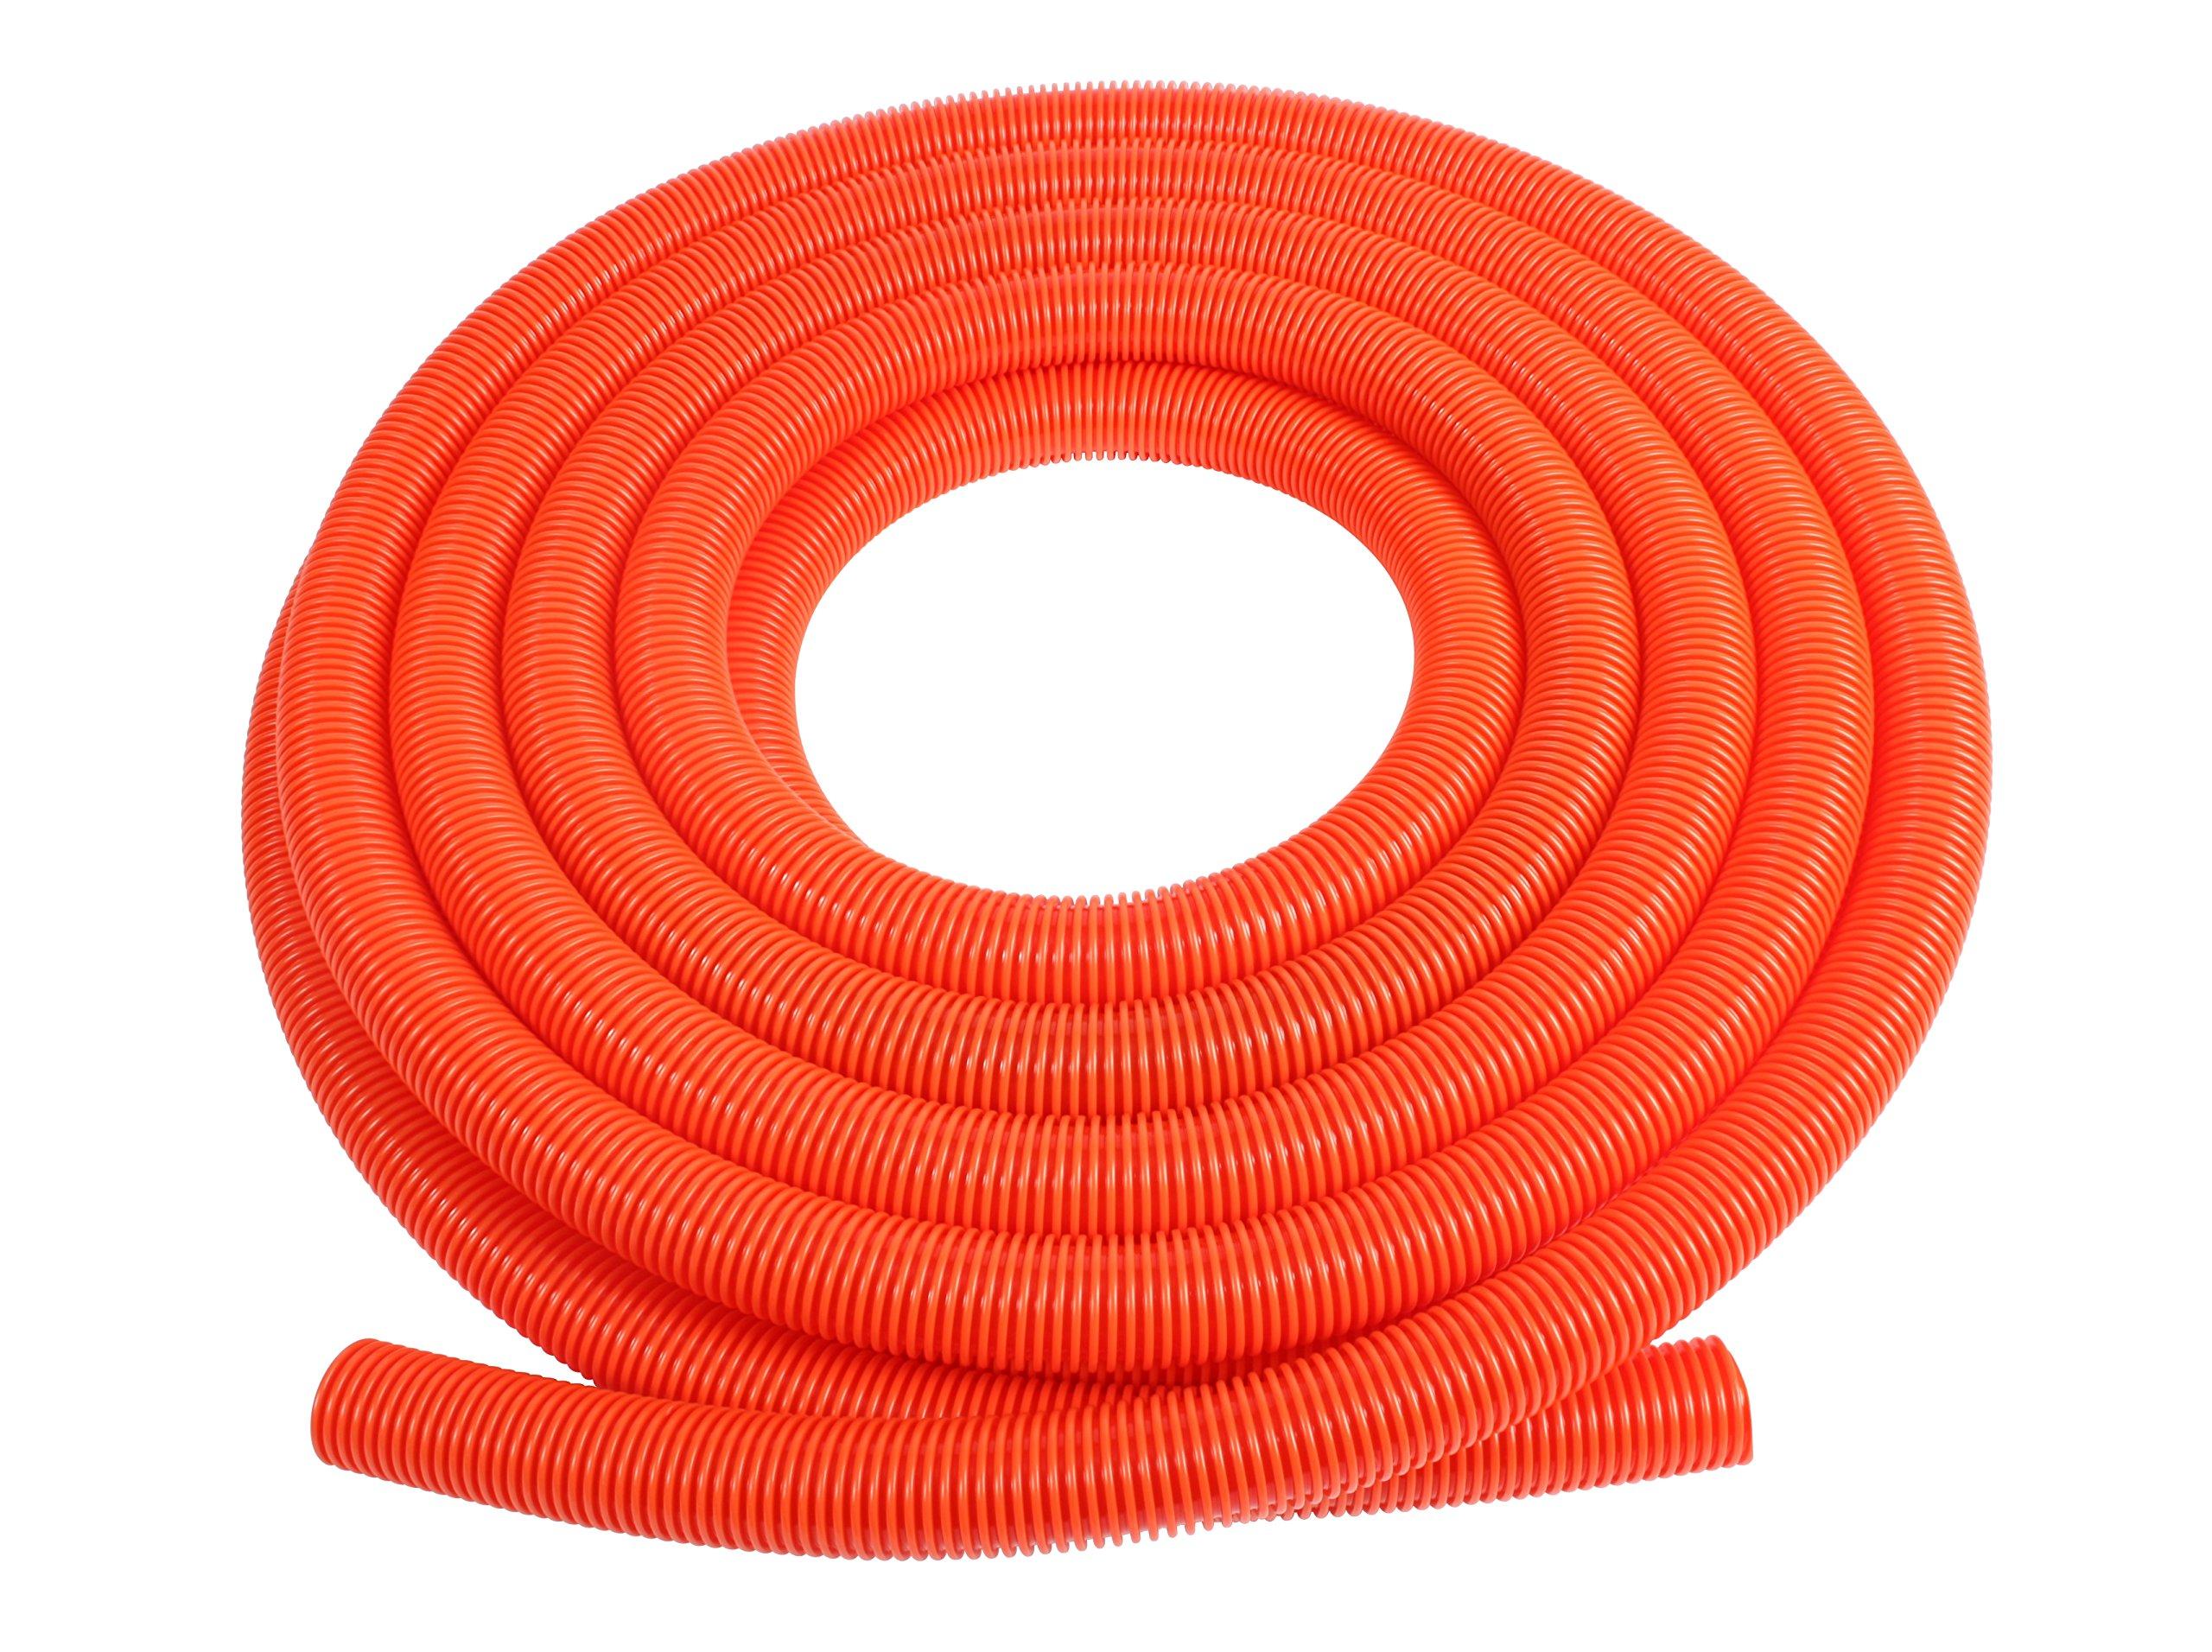 Cen-Tec Systems 62838 Vacuum Hose with 1.5'' Diameter, 50', Orange